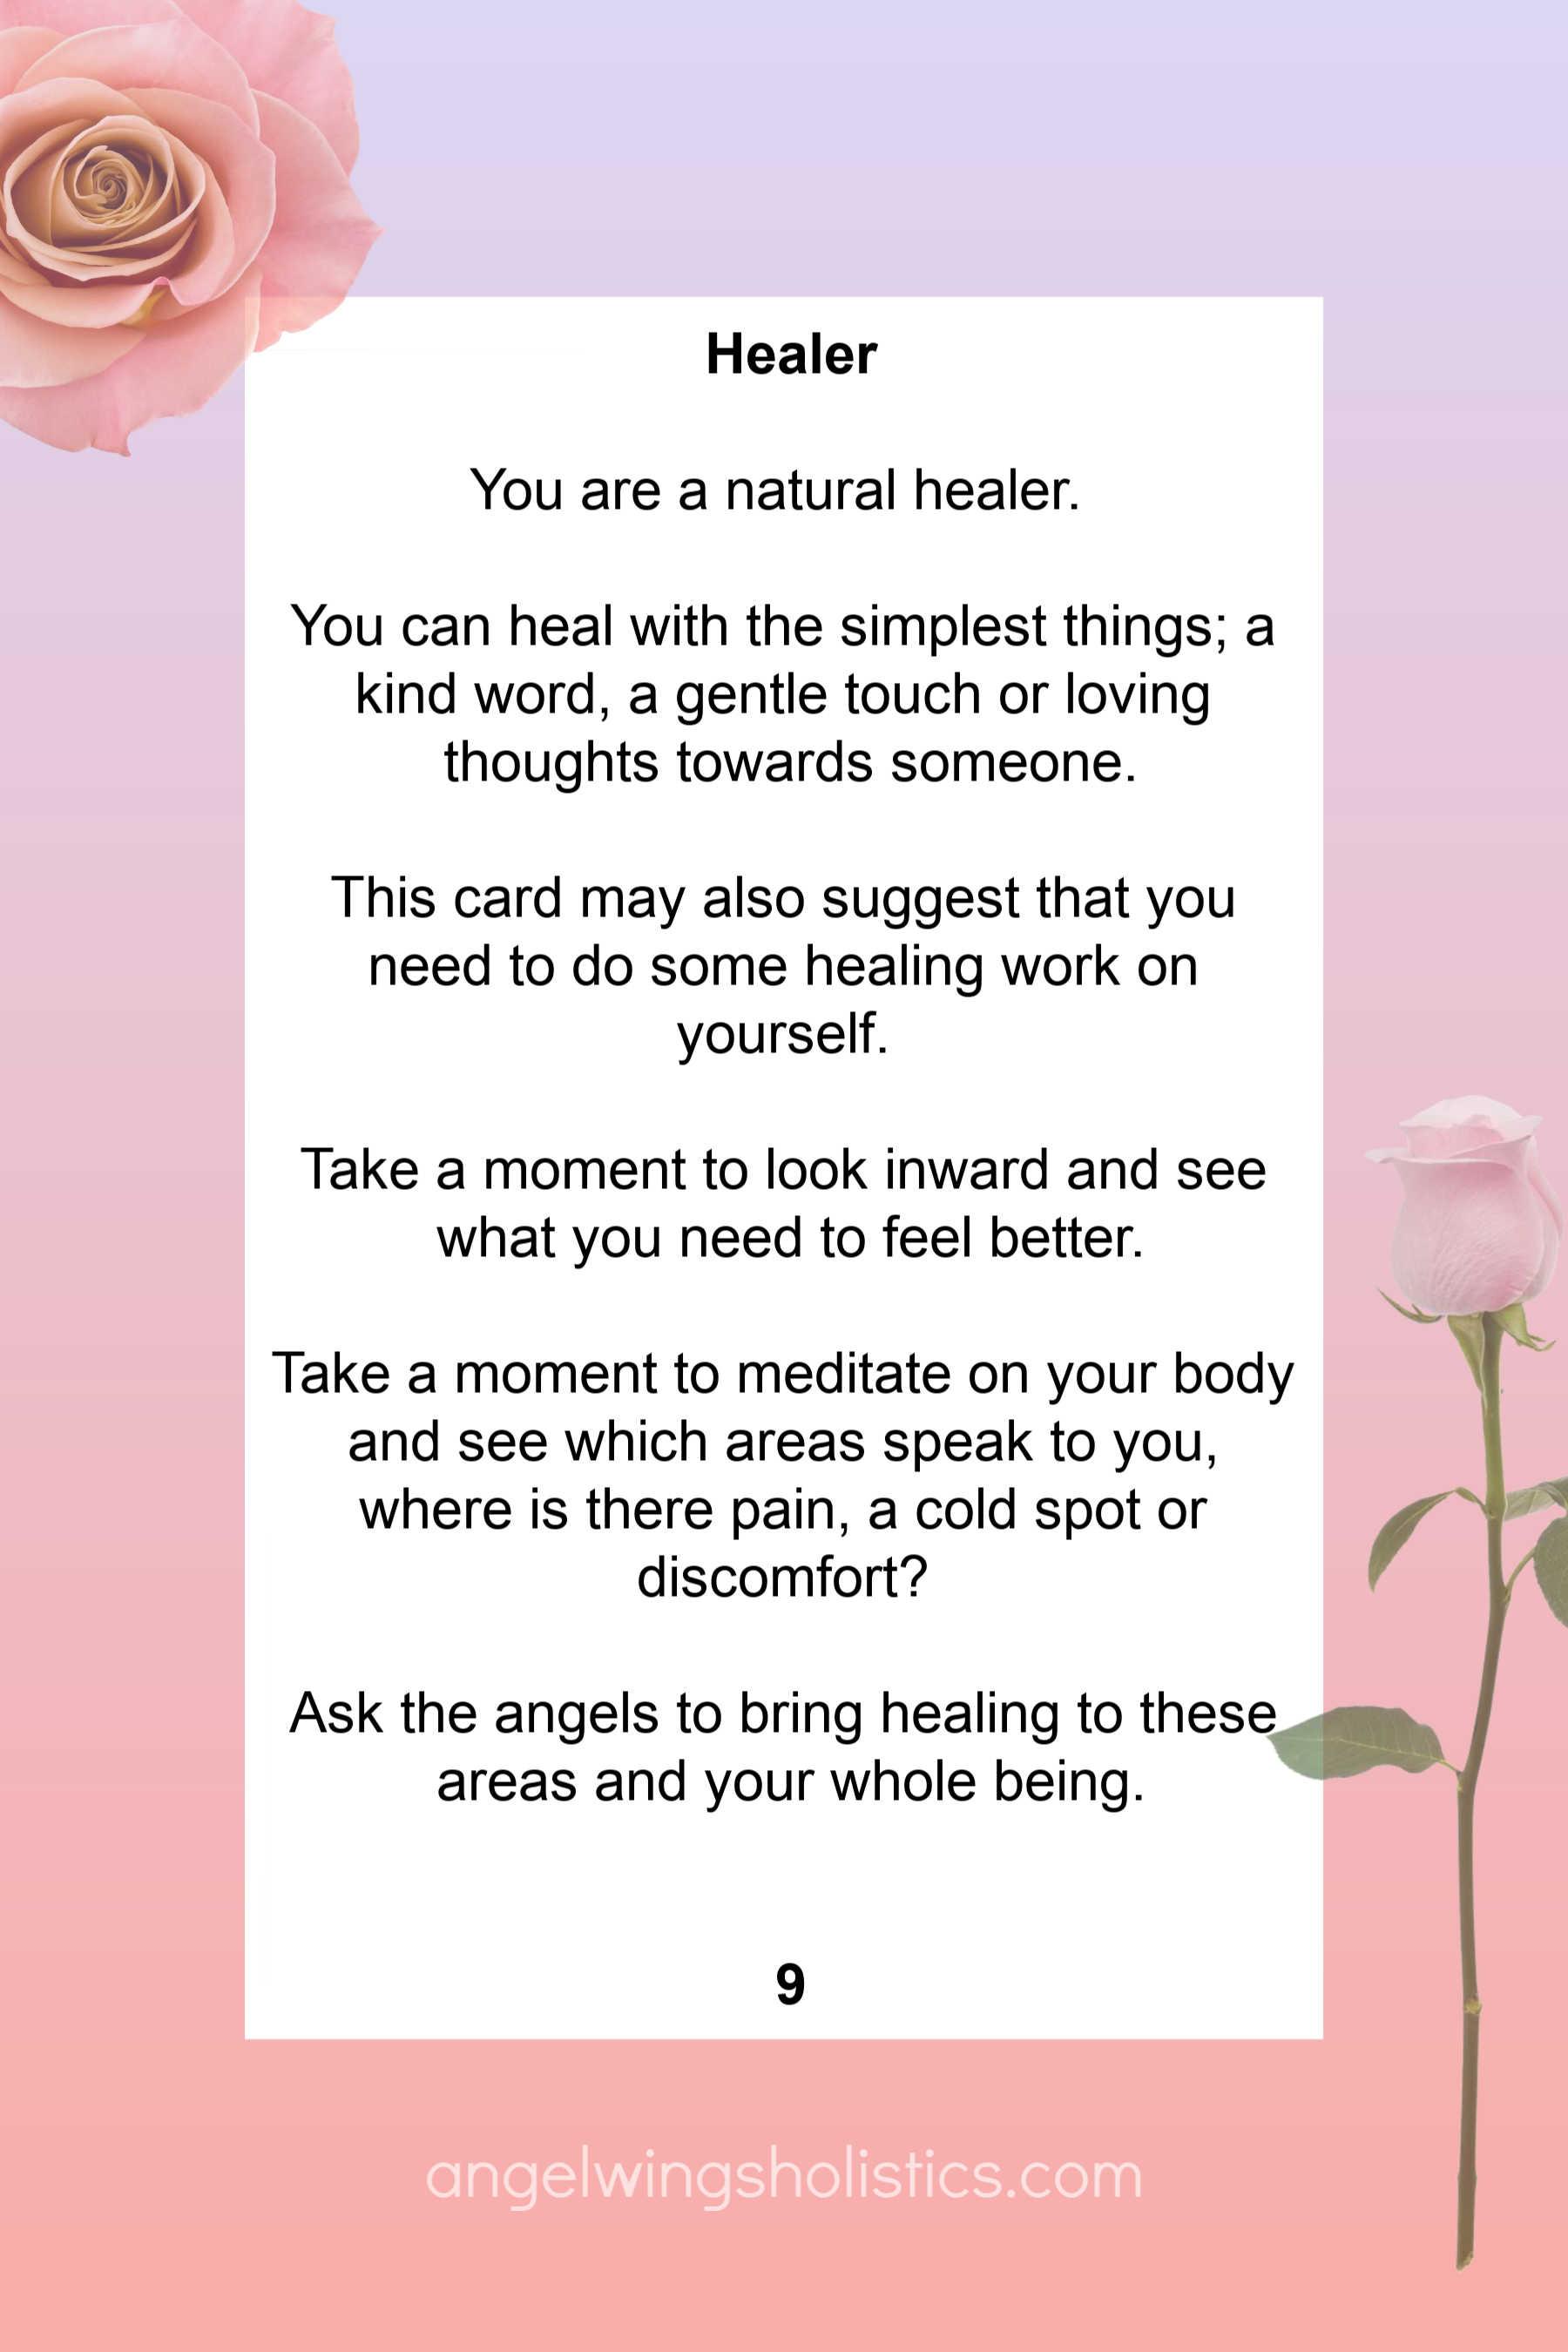 9-healer.jpg